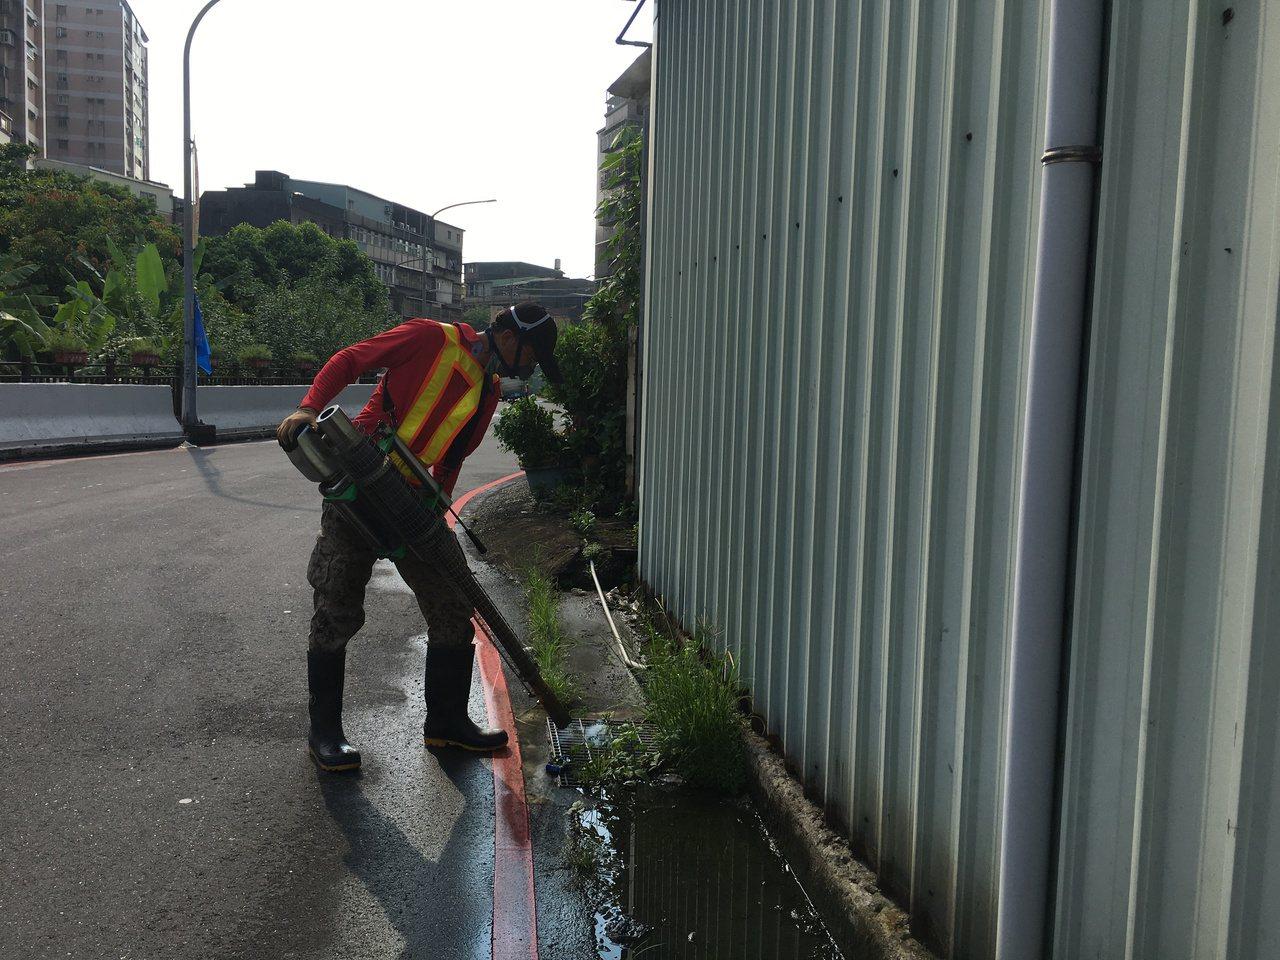 新北市衛生局派員戶外化學防治噴消與孳清作業。圖/新北市衛生局提供